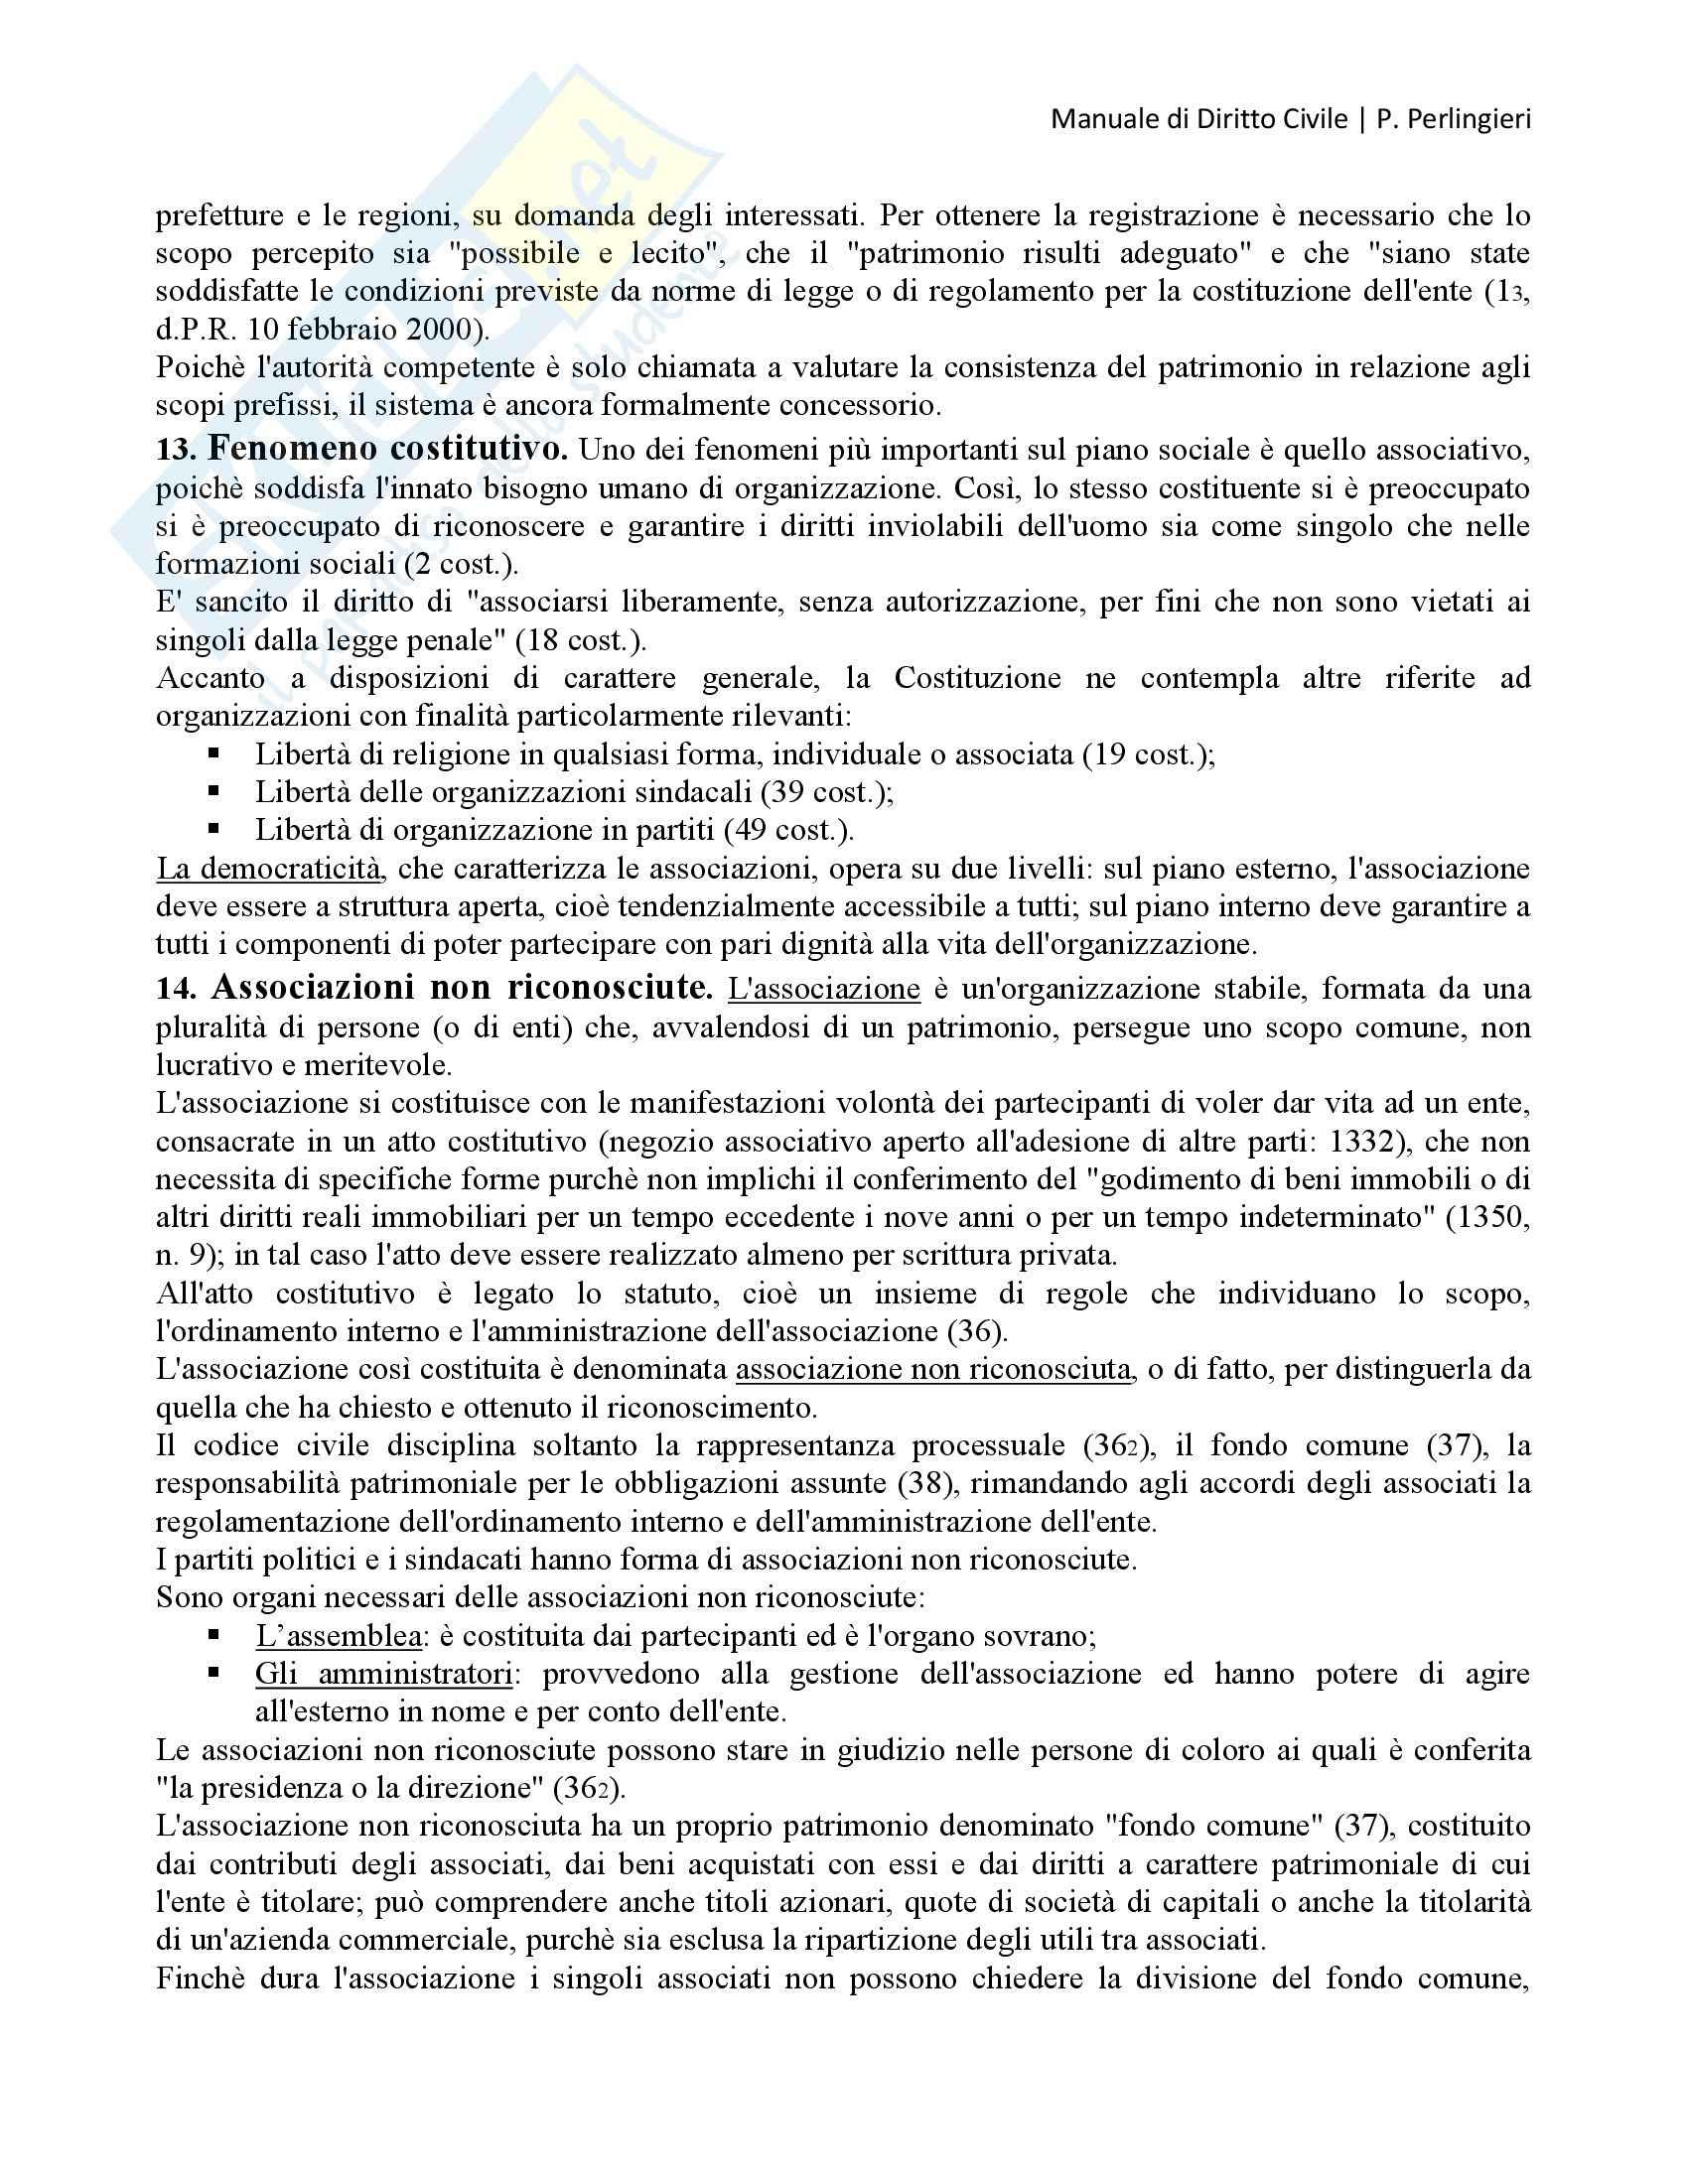 Manuale di Diritto Civile, Perlingieri - Persone fisiche e persone giuridiche Pag. 6